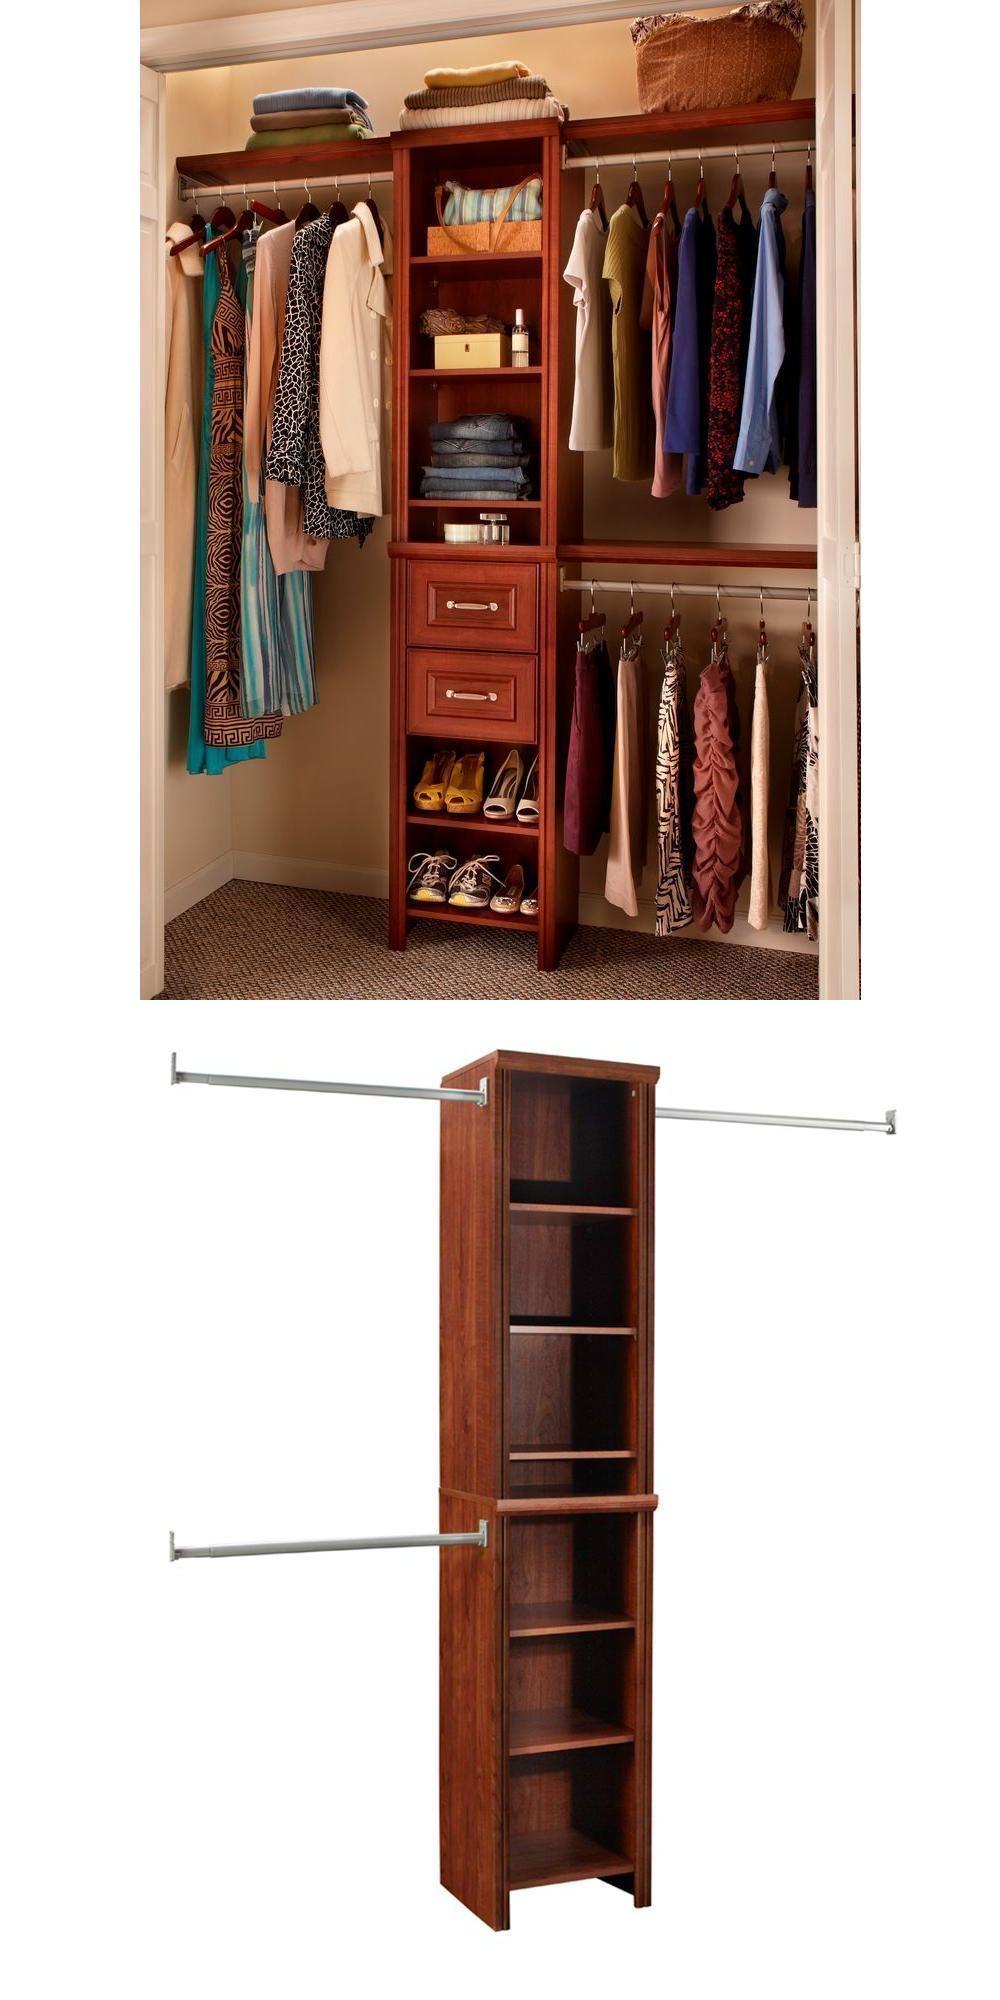 High Quality Closet Organizers 43503: Bedroom Closet Organizer Storage Rack Shelves  Clothes Narrow Wardrobe Closetmaid  U003e